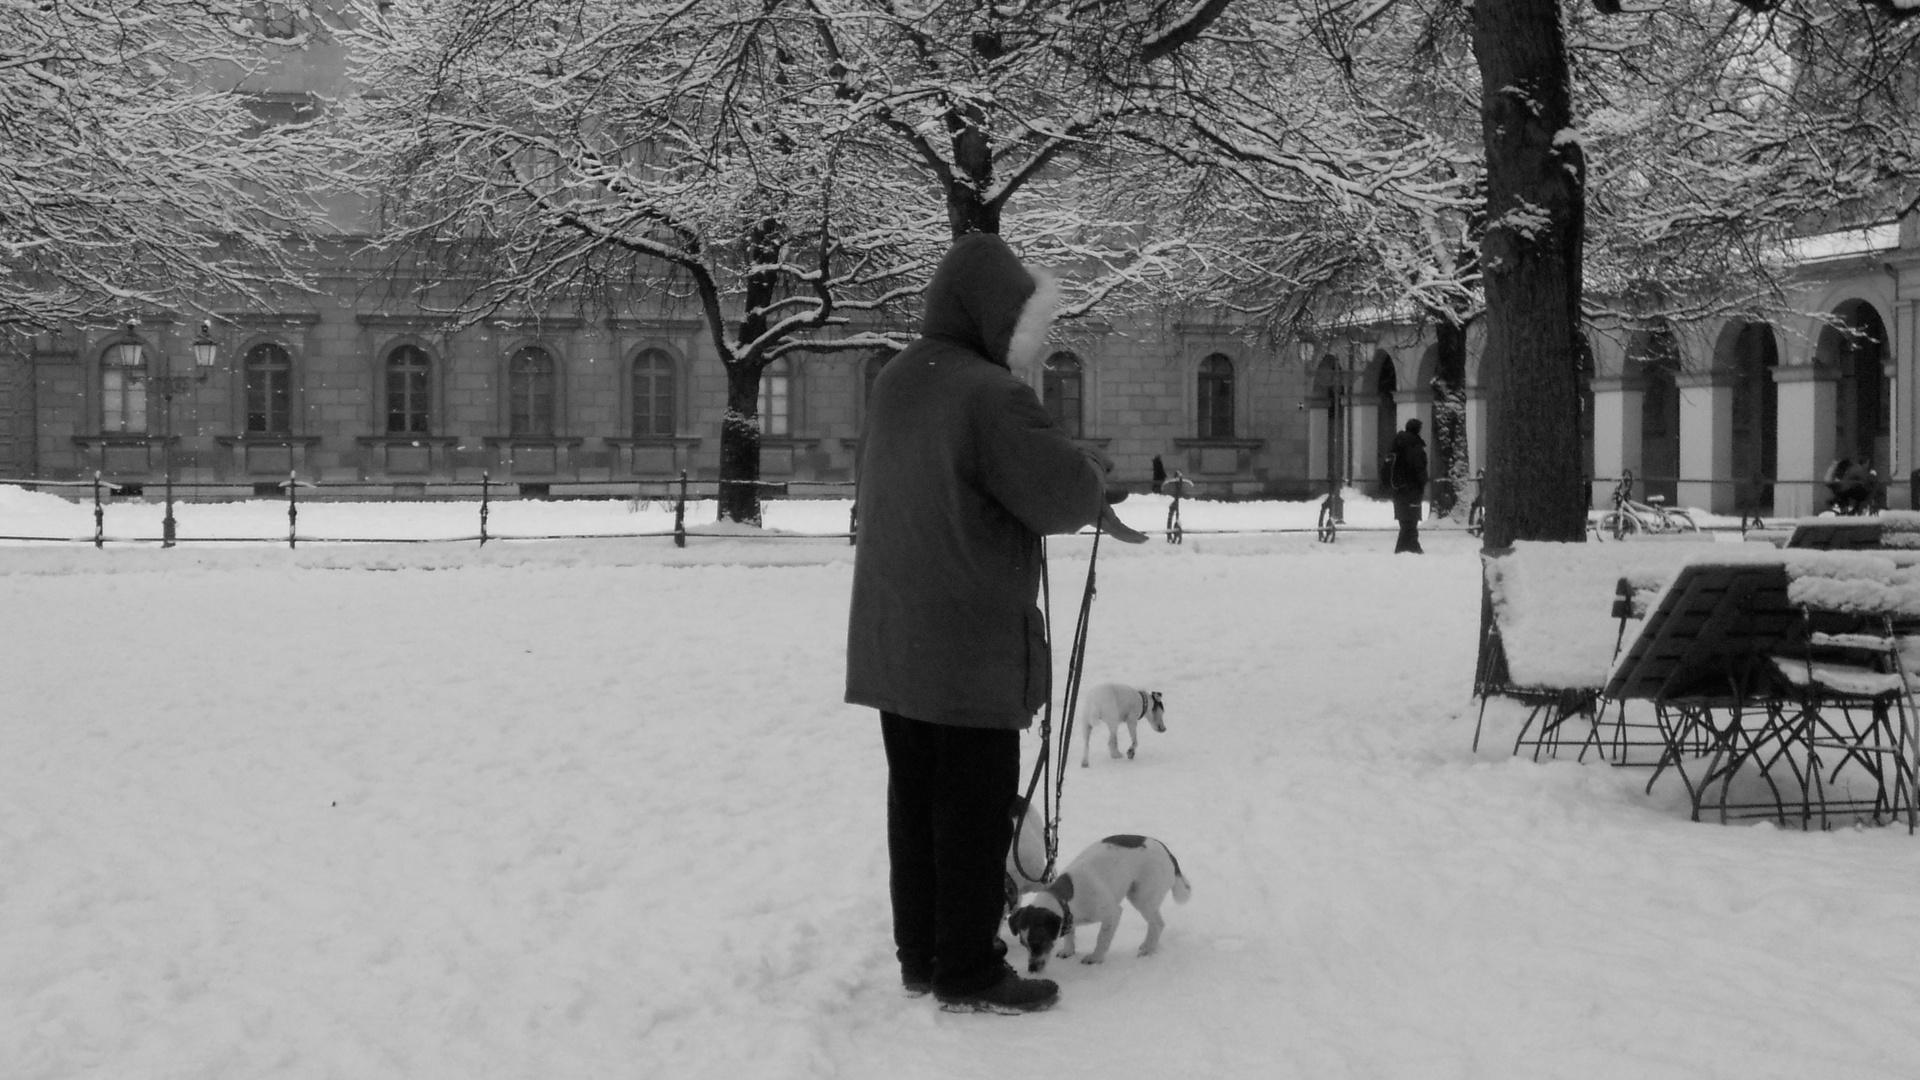 Ach wie schön ist Faschingszeit und Schnee, Schnee, Schnee...